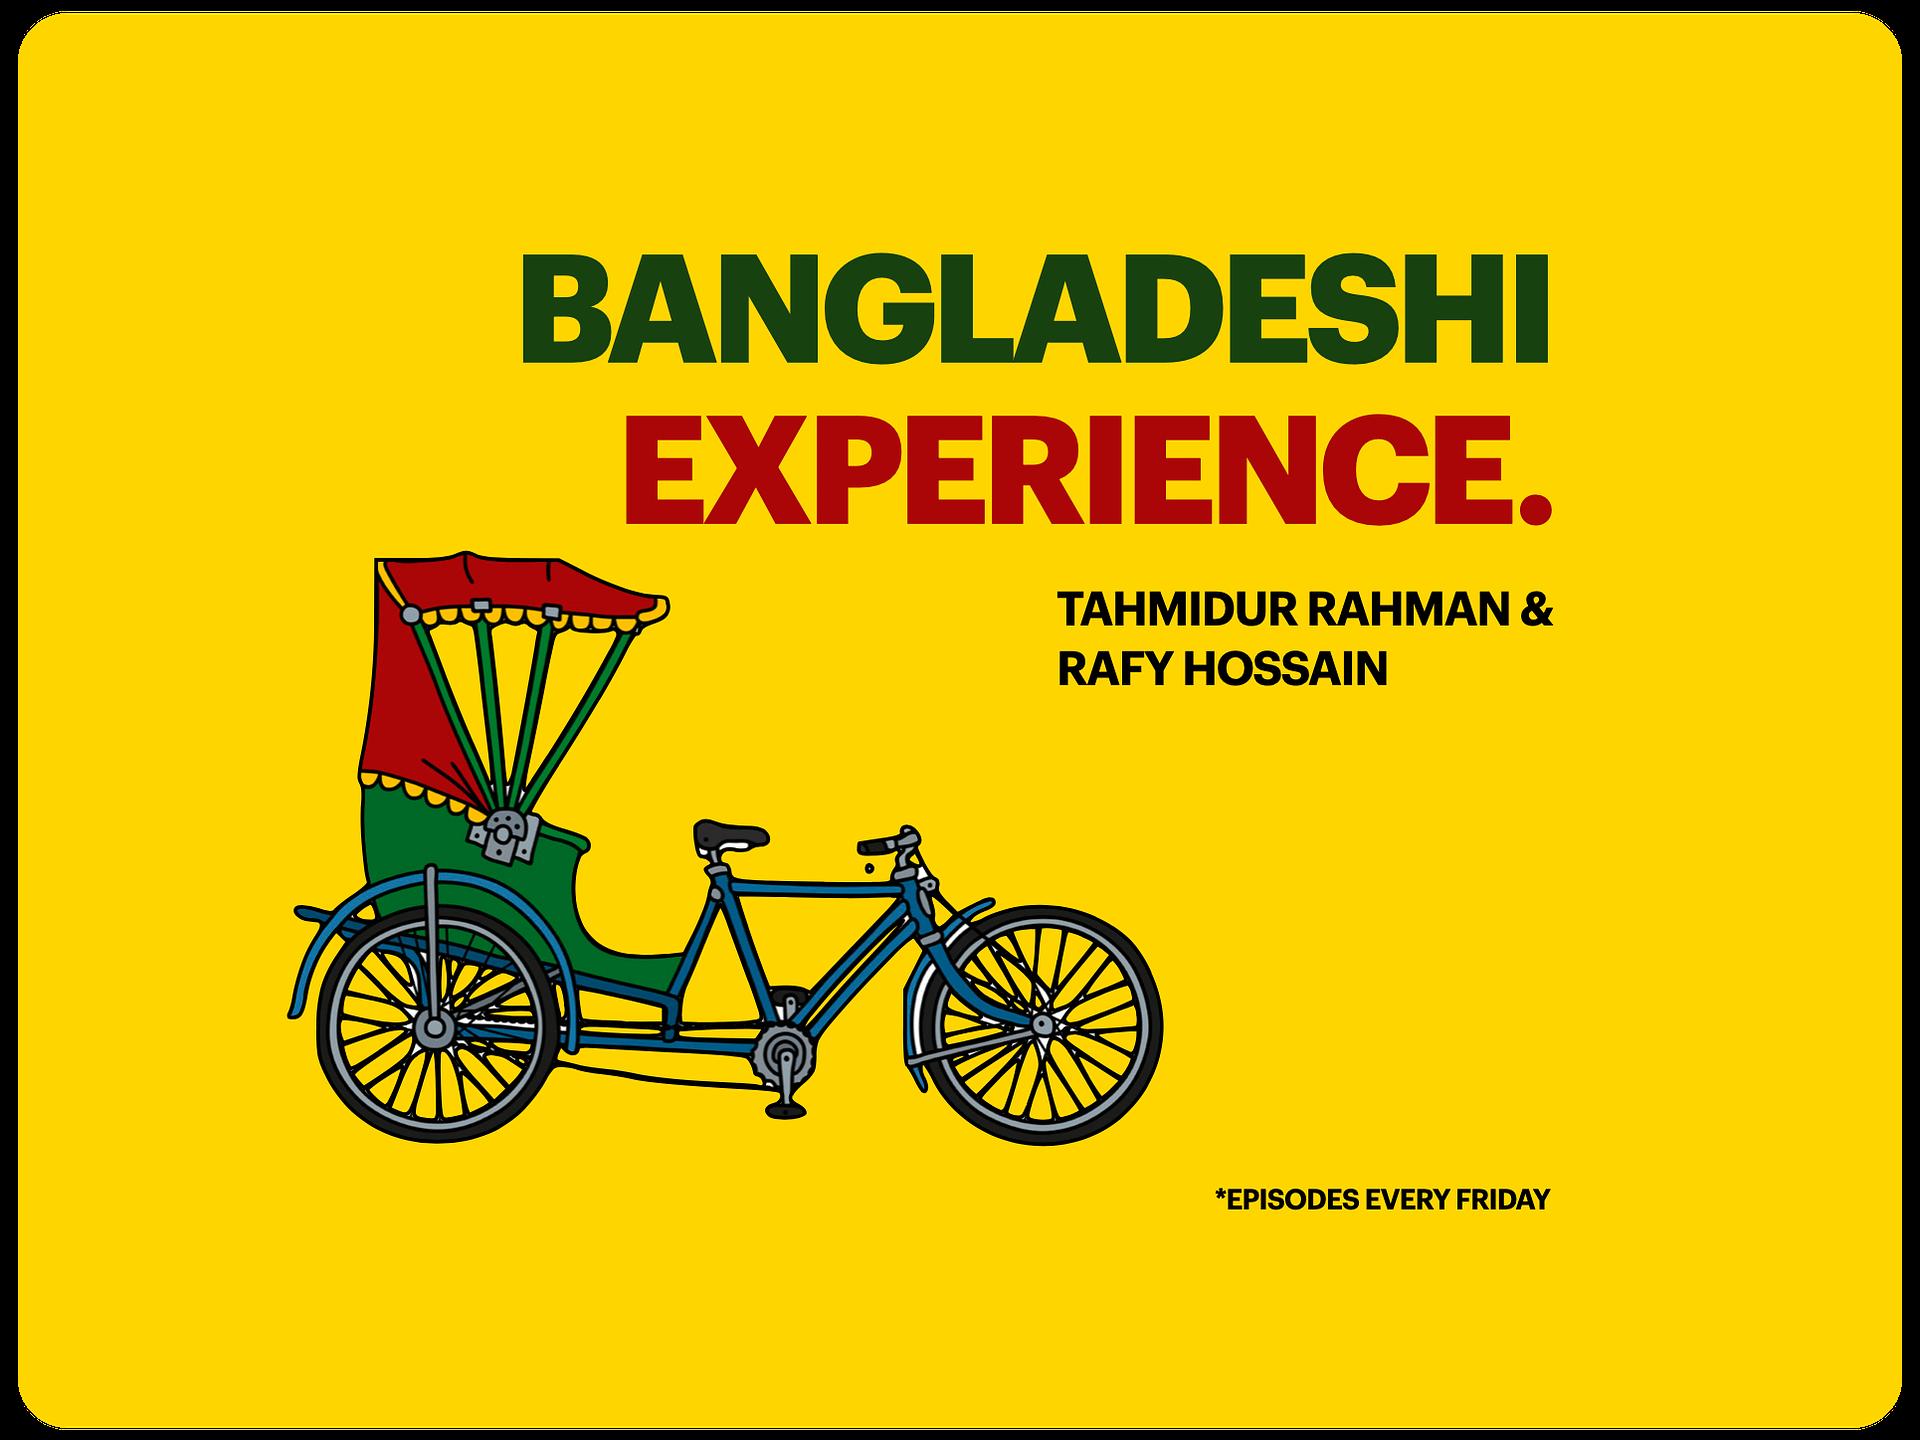 bangladeshiexperience.com